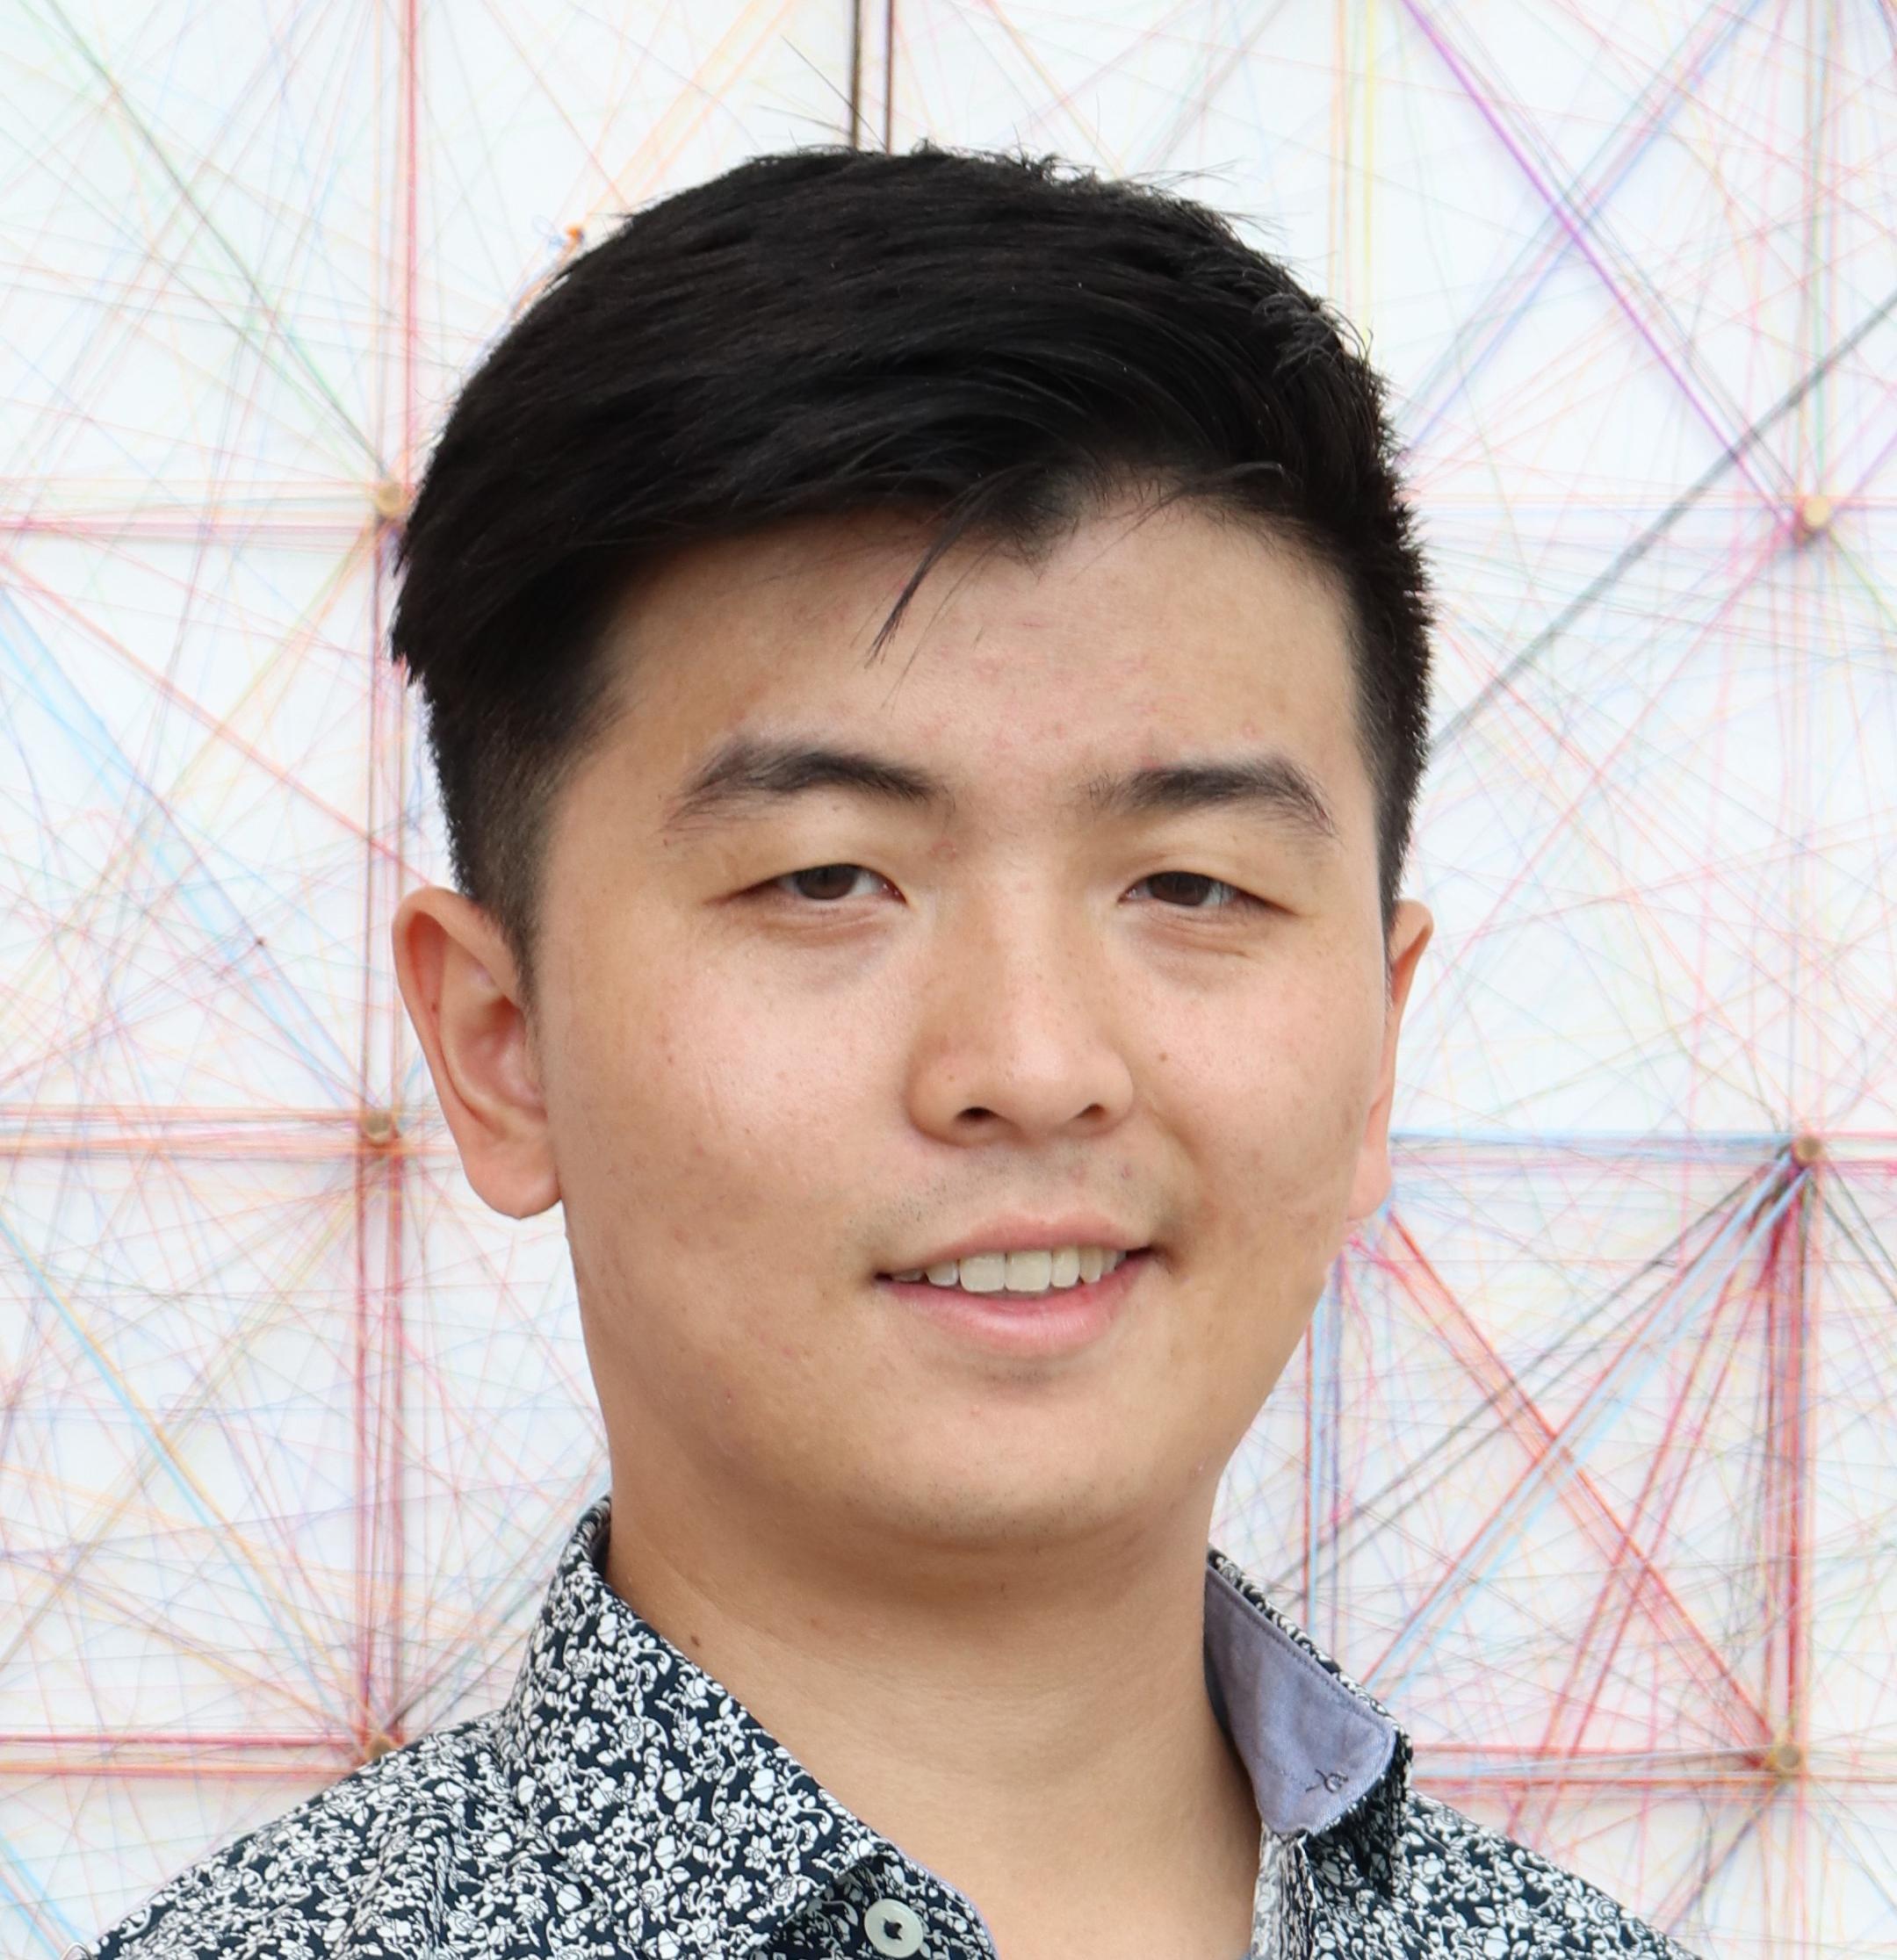 Headshot of Yike Cheng